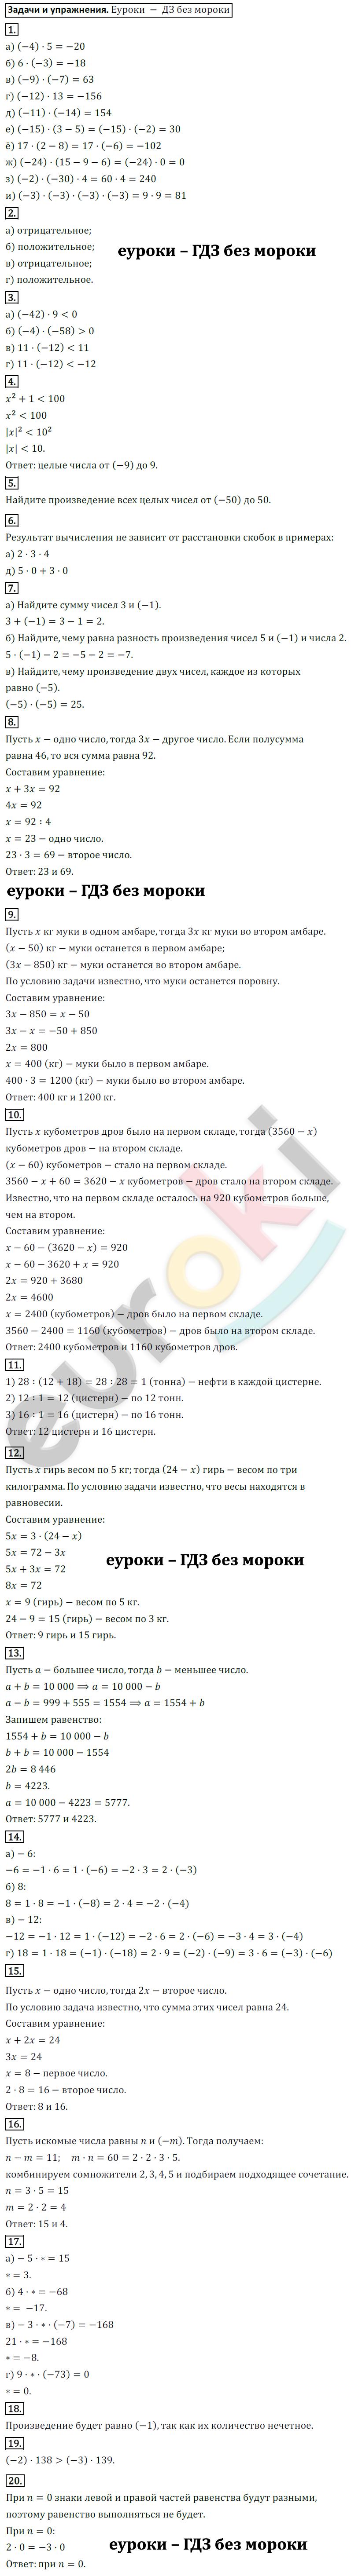 ГДЗ по математике 6 класс Козлов, Никитин Русское Слово ответы и решения онлайн Глава 8. Умножение и деление целых чисел, §1. Умножение целых чисел. Задание: Задачи и упражнения